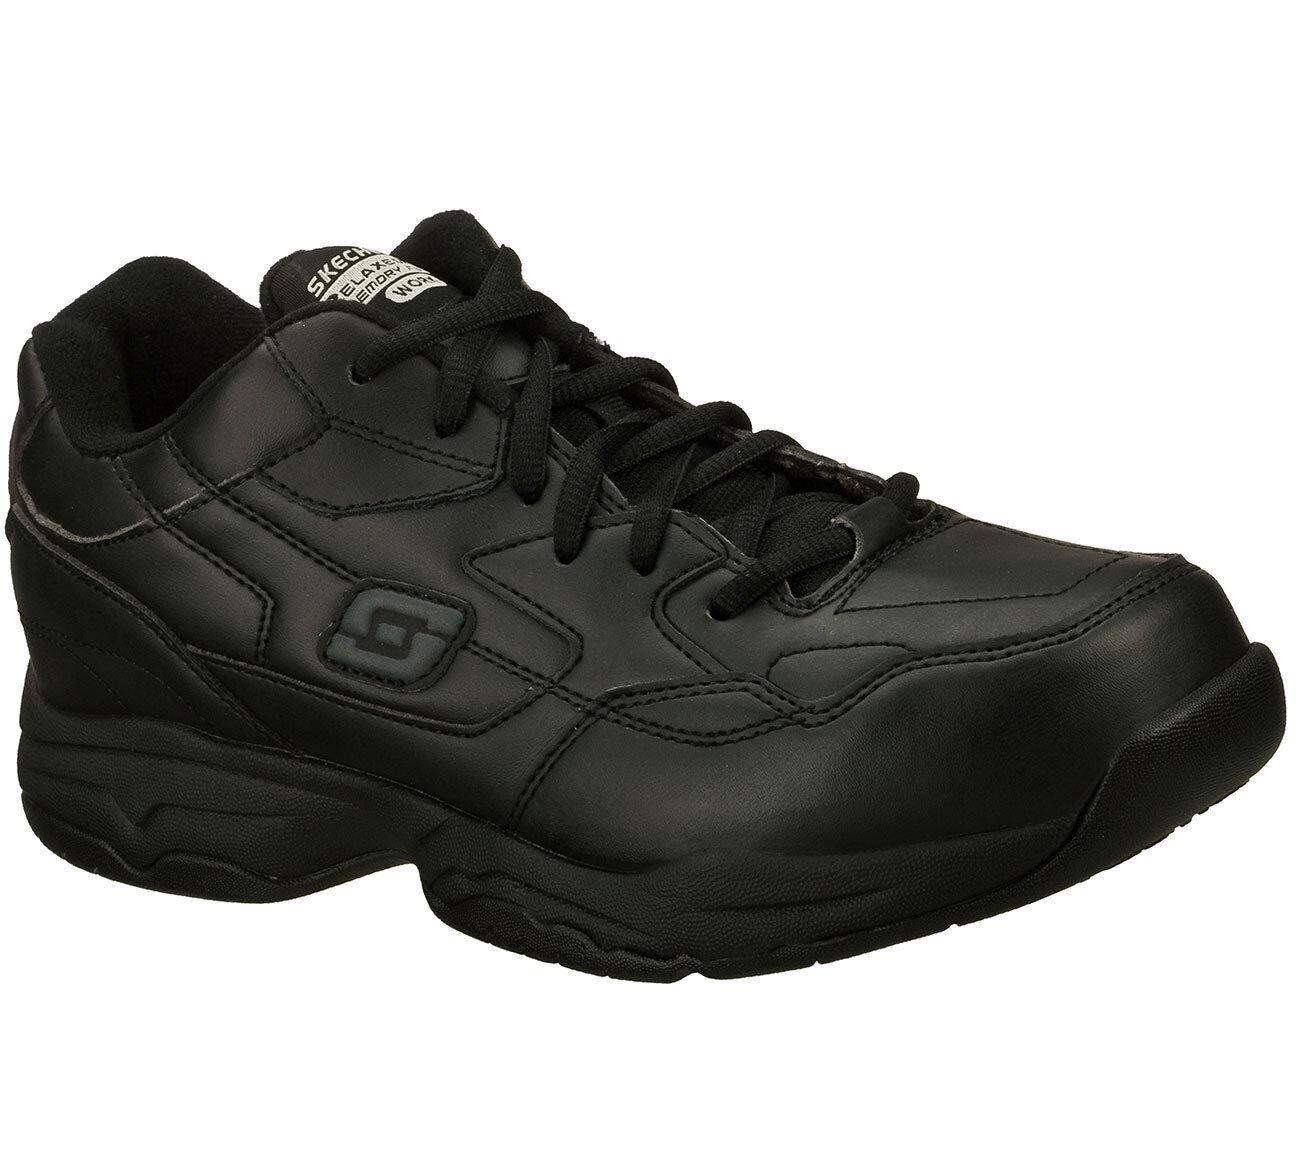 77032 Negro Skechers Zapato Espuma Viscoelástica Trabajo Hombre Confort Casual